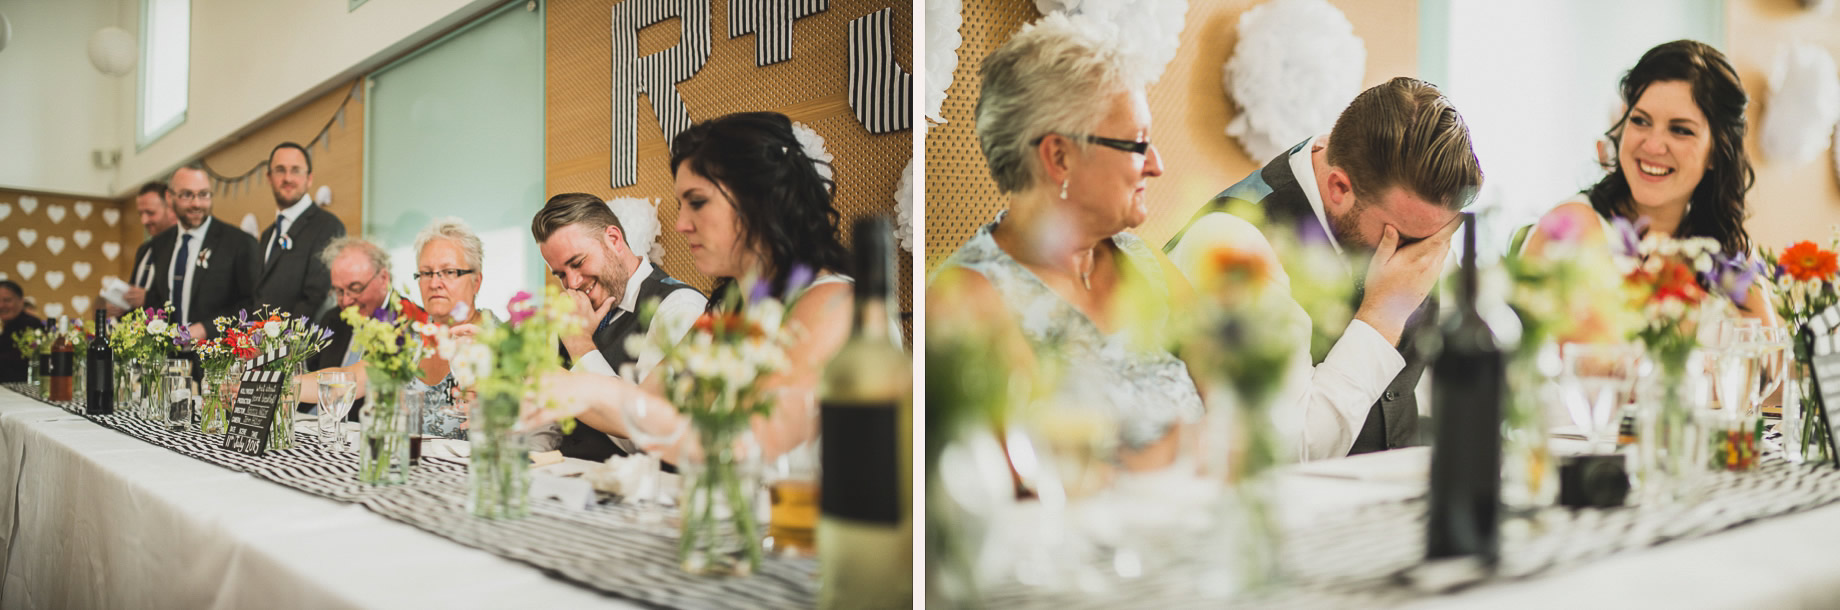 Becky and John's Wedding at Slaidburn Village Hall 150